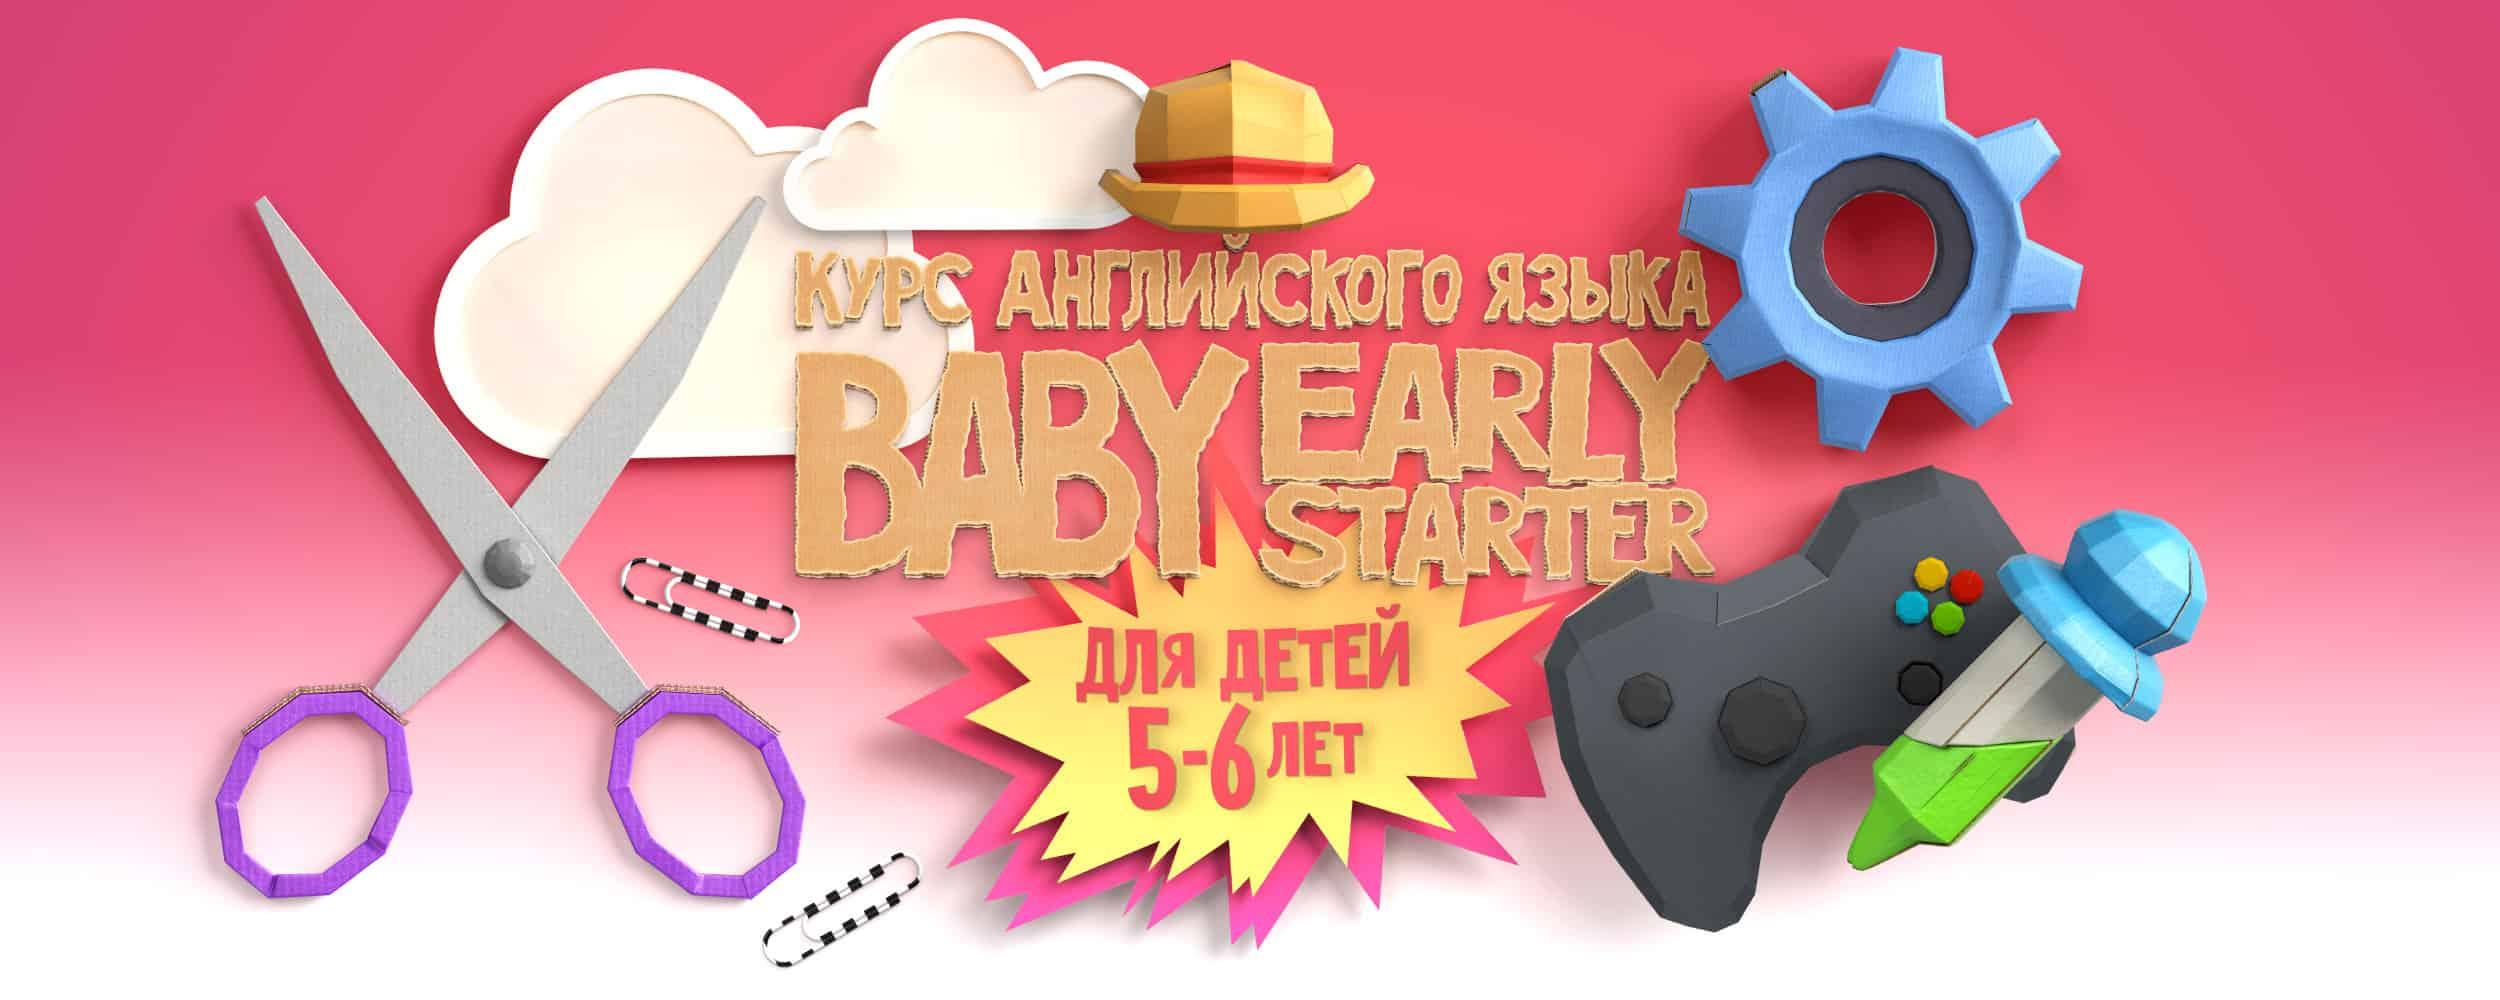 """Английский для детей 5 - 6 лет в Самаре. Курсы английского языка """"Early Starter"""" проводят опытные преподаватели с большим стажем работы с детьми."""